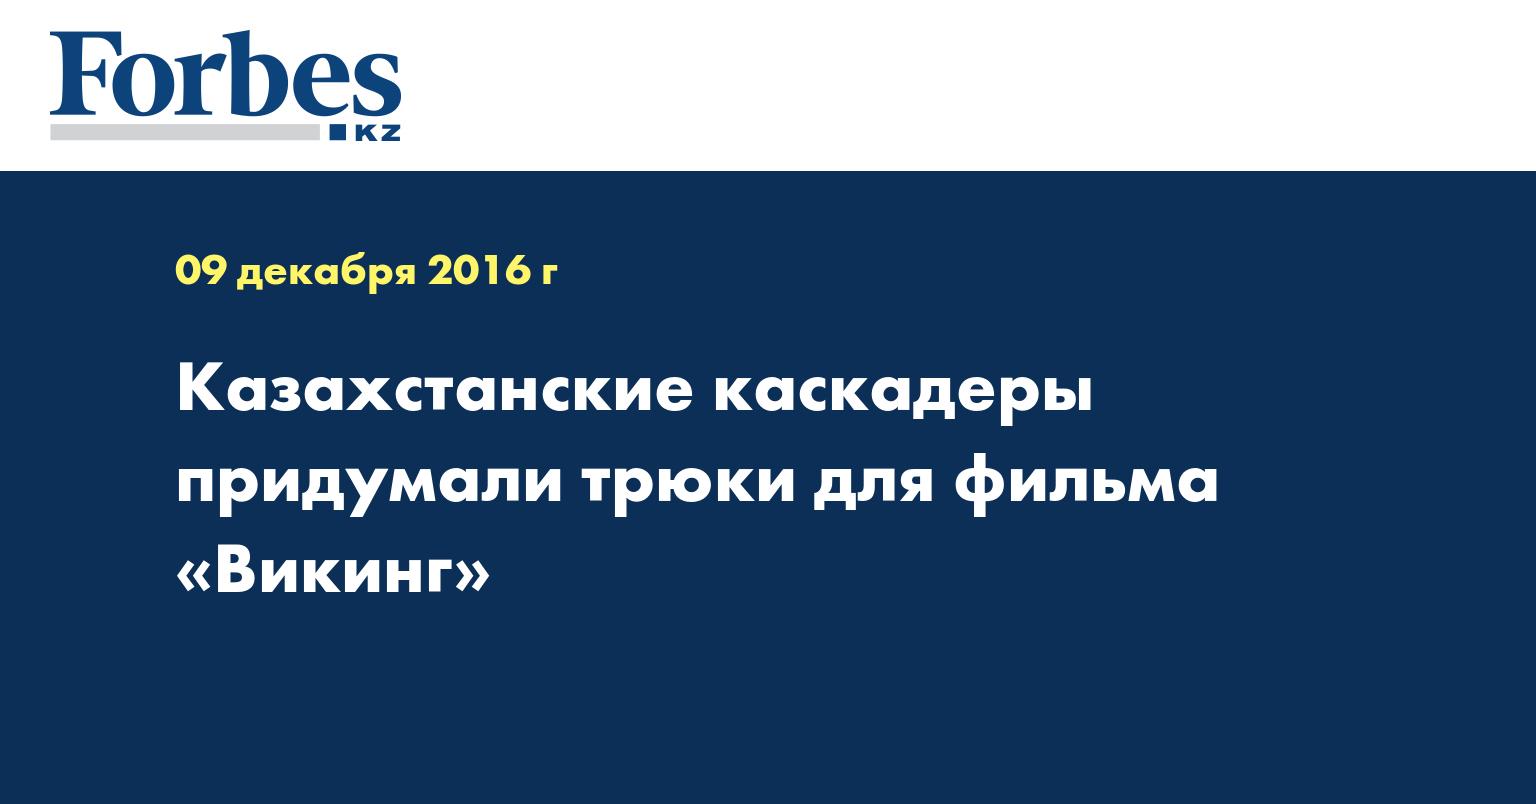 Казахстанские каскадеры придумали трюки для фильма «Викинг»